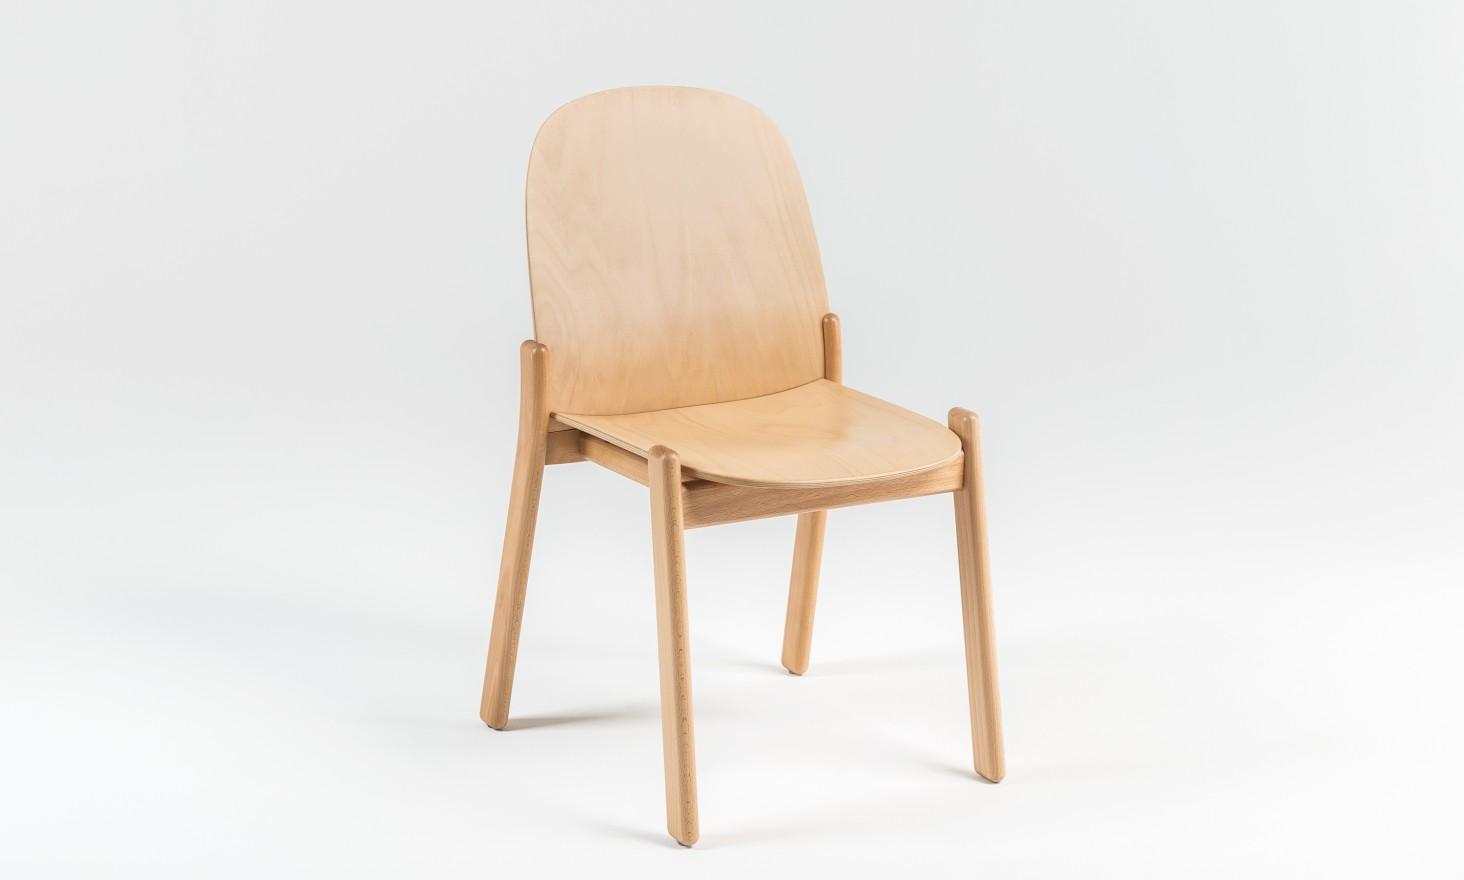 NORDIC_packshot_chair 1